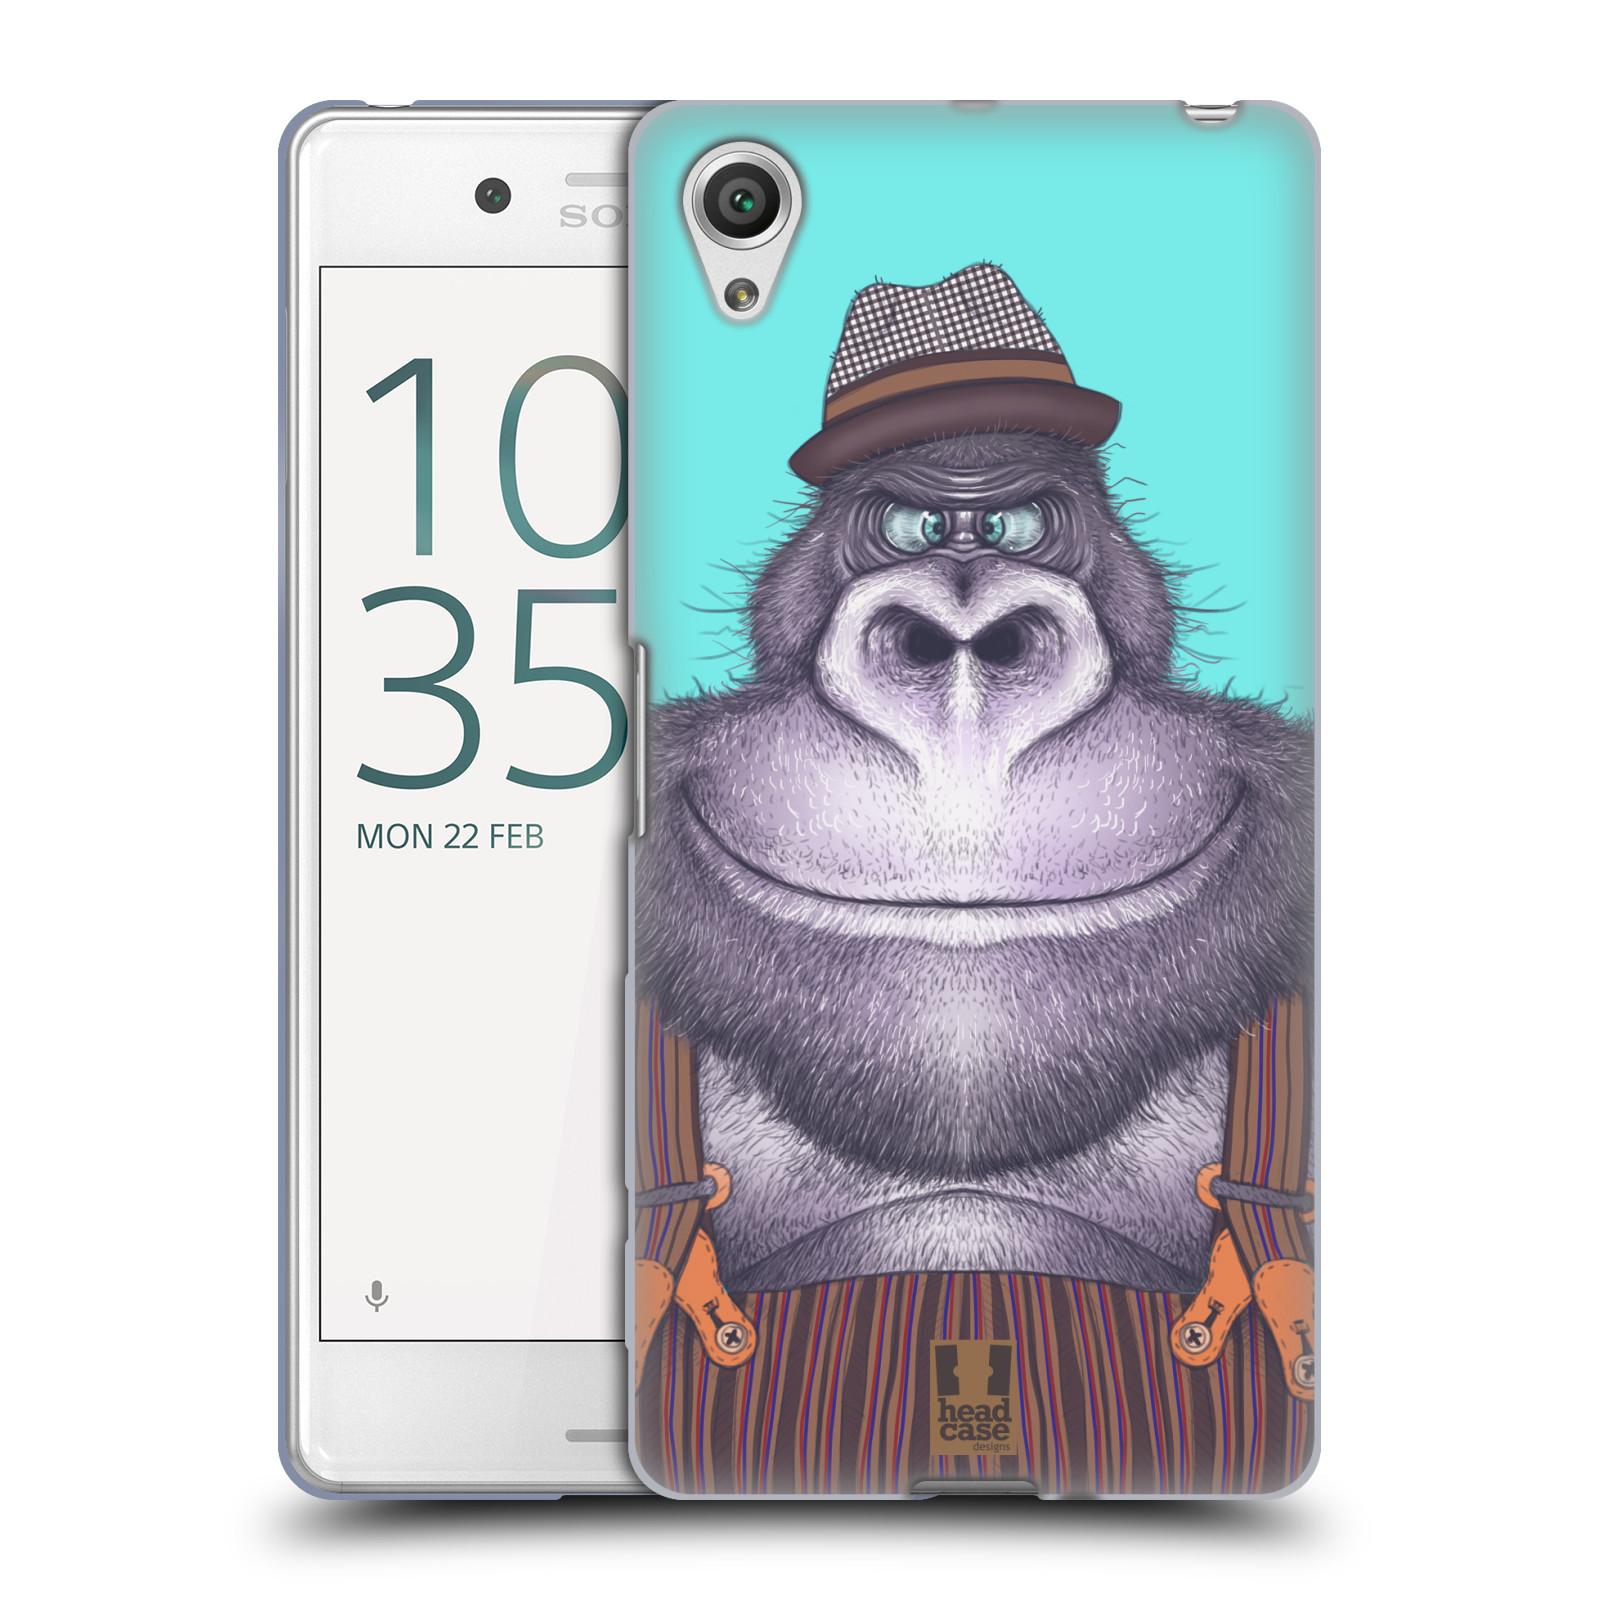 HEAD CASE silikonový obal na mobil Sony Xperia X PERFORMANCE (F8131, F8132) vzor Kreslená zvířátka gorila